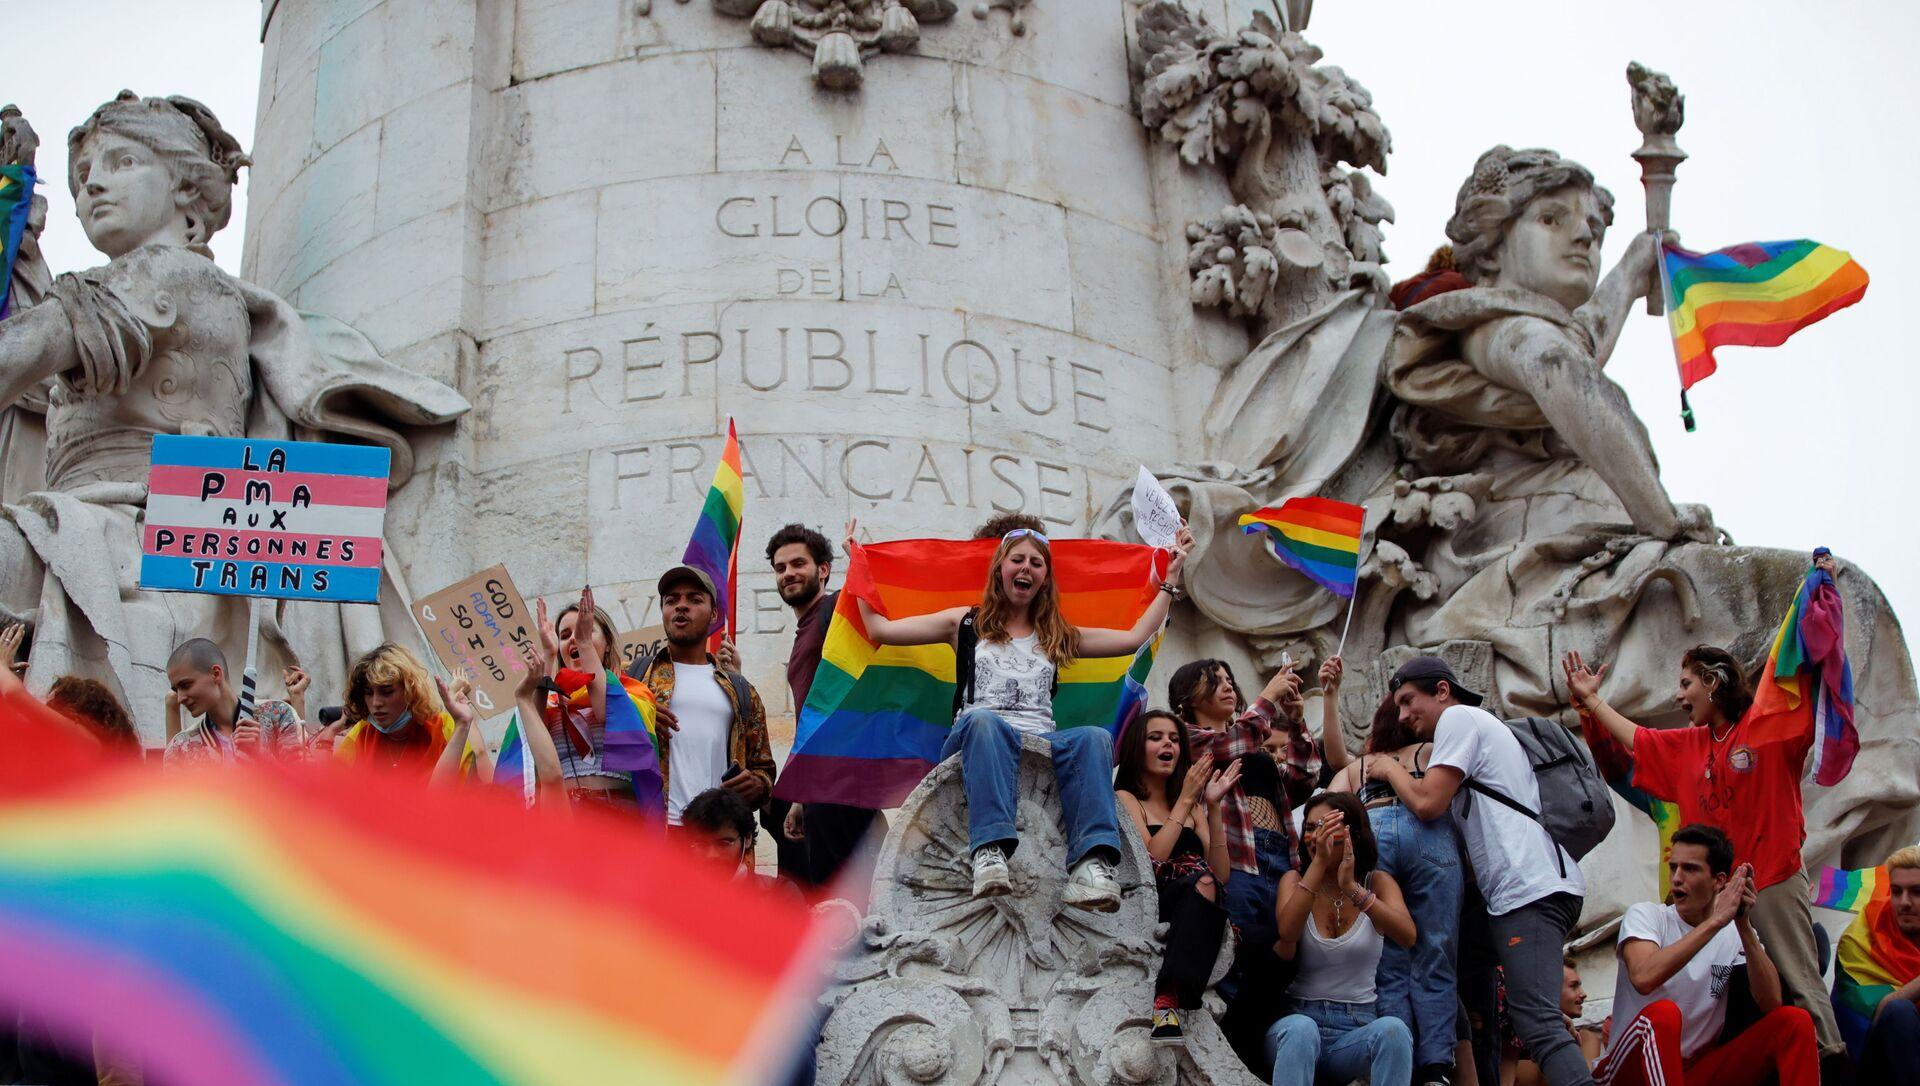 Fransız başkenti Paris'teki Cumhuriyet Meydanı'nda LGBT Onur Yürüyüşü'nden bir sahne (26 Haziran 2021) - Sputnik Türkiye, 1920, 30.06.2021